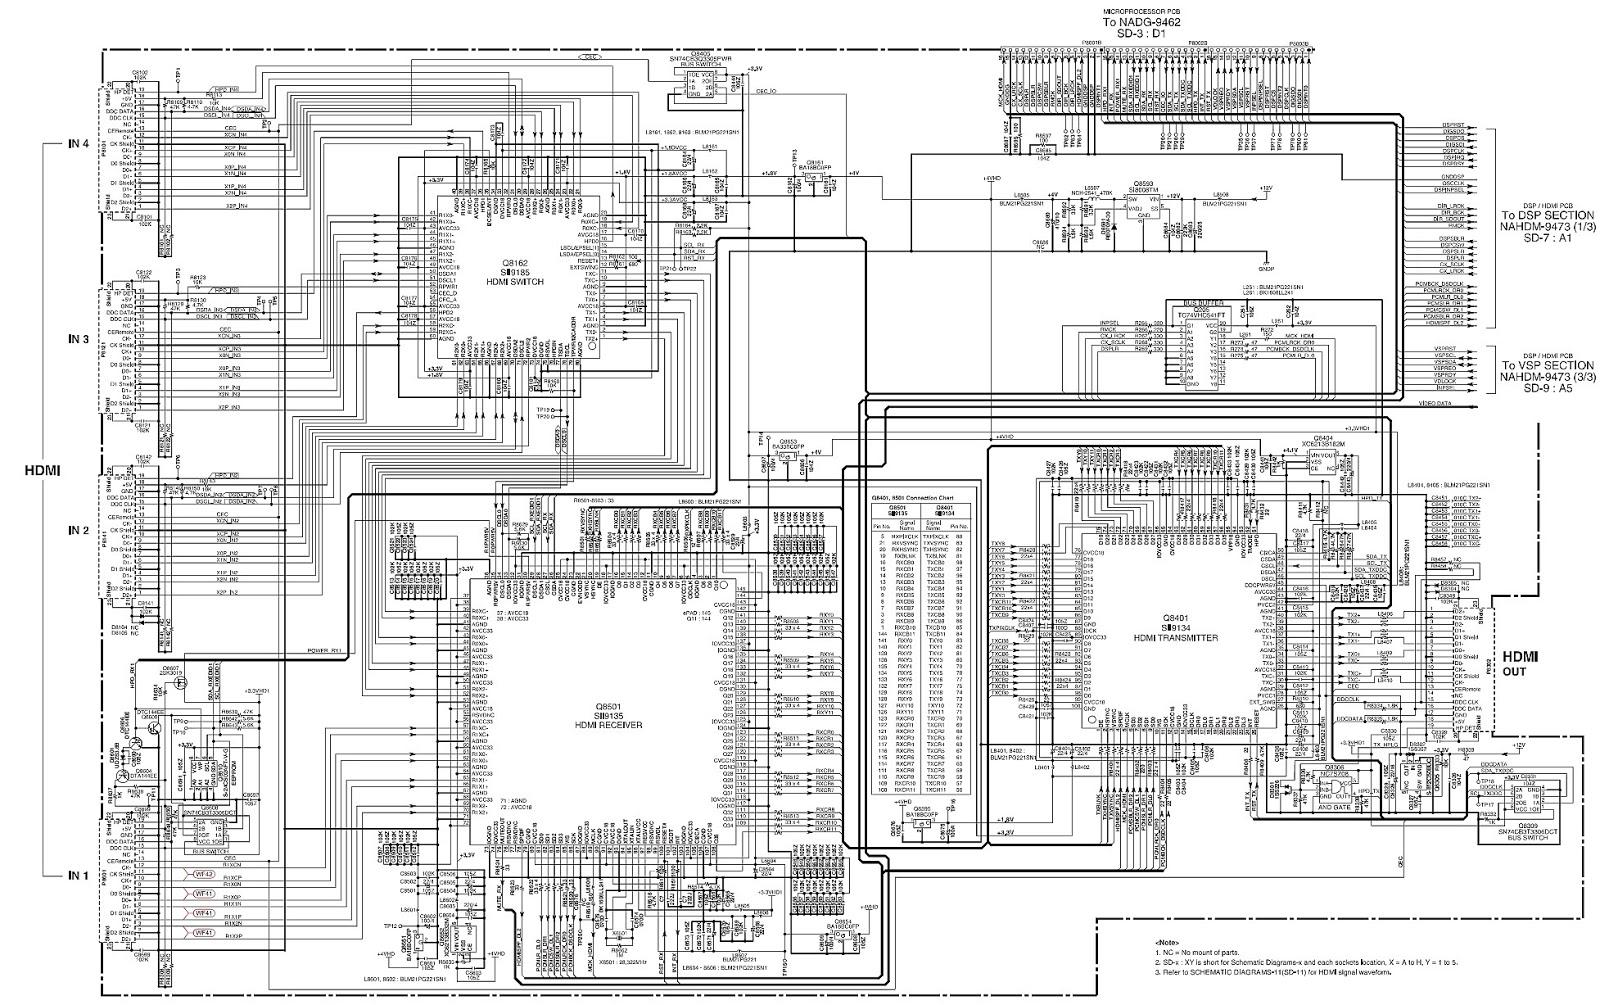 hdmi schematic diagram wiring diagrams schematic rh 15 qwevx richarddeinmakler de